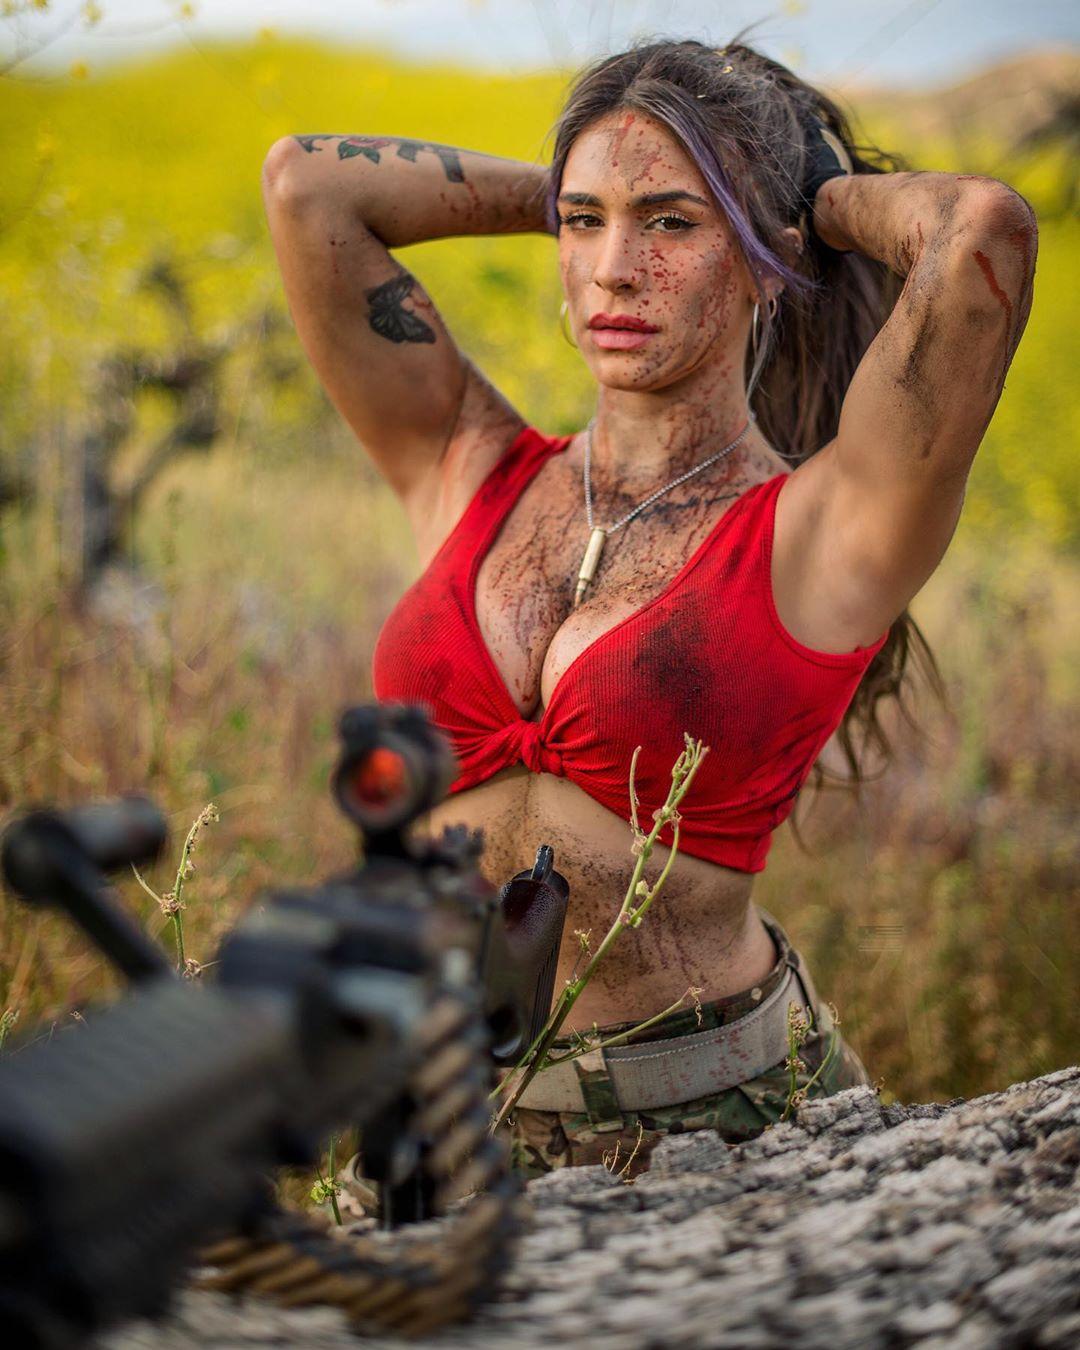 mujeres-peligrosas